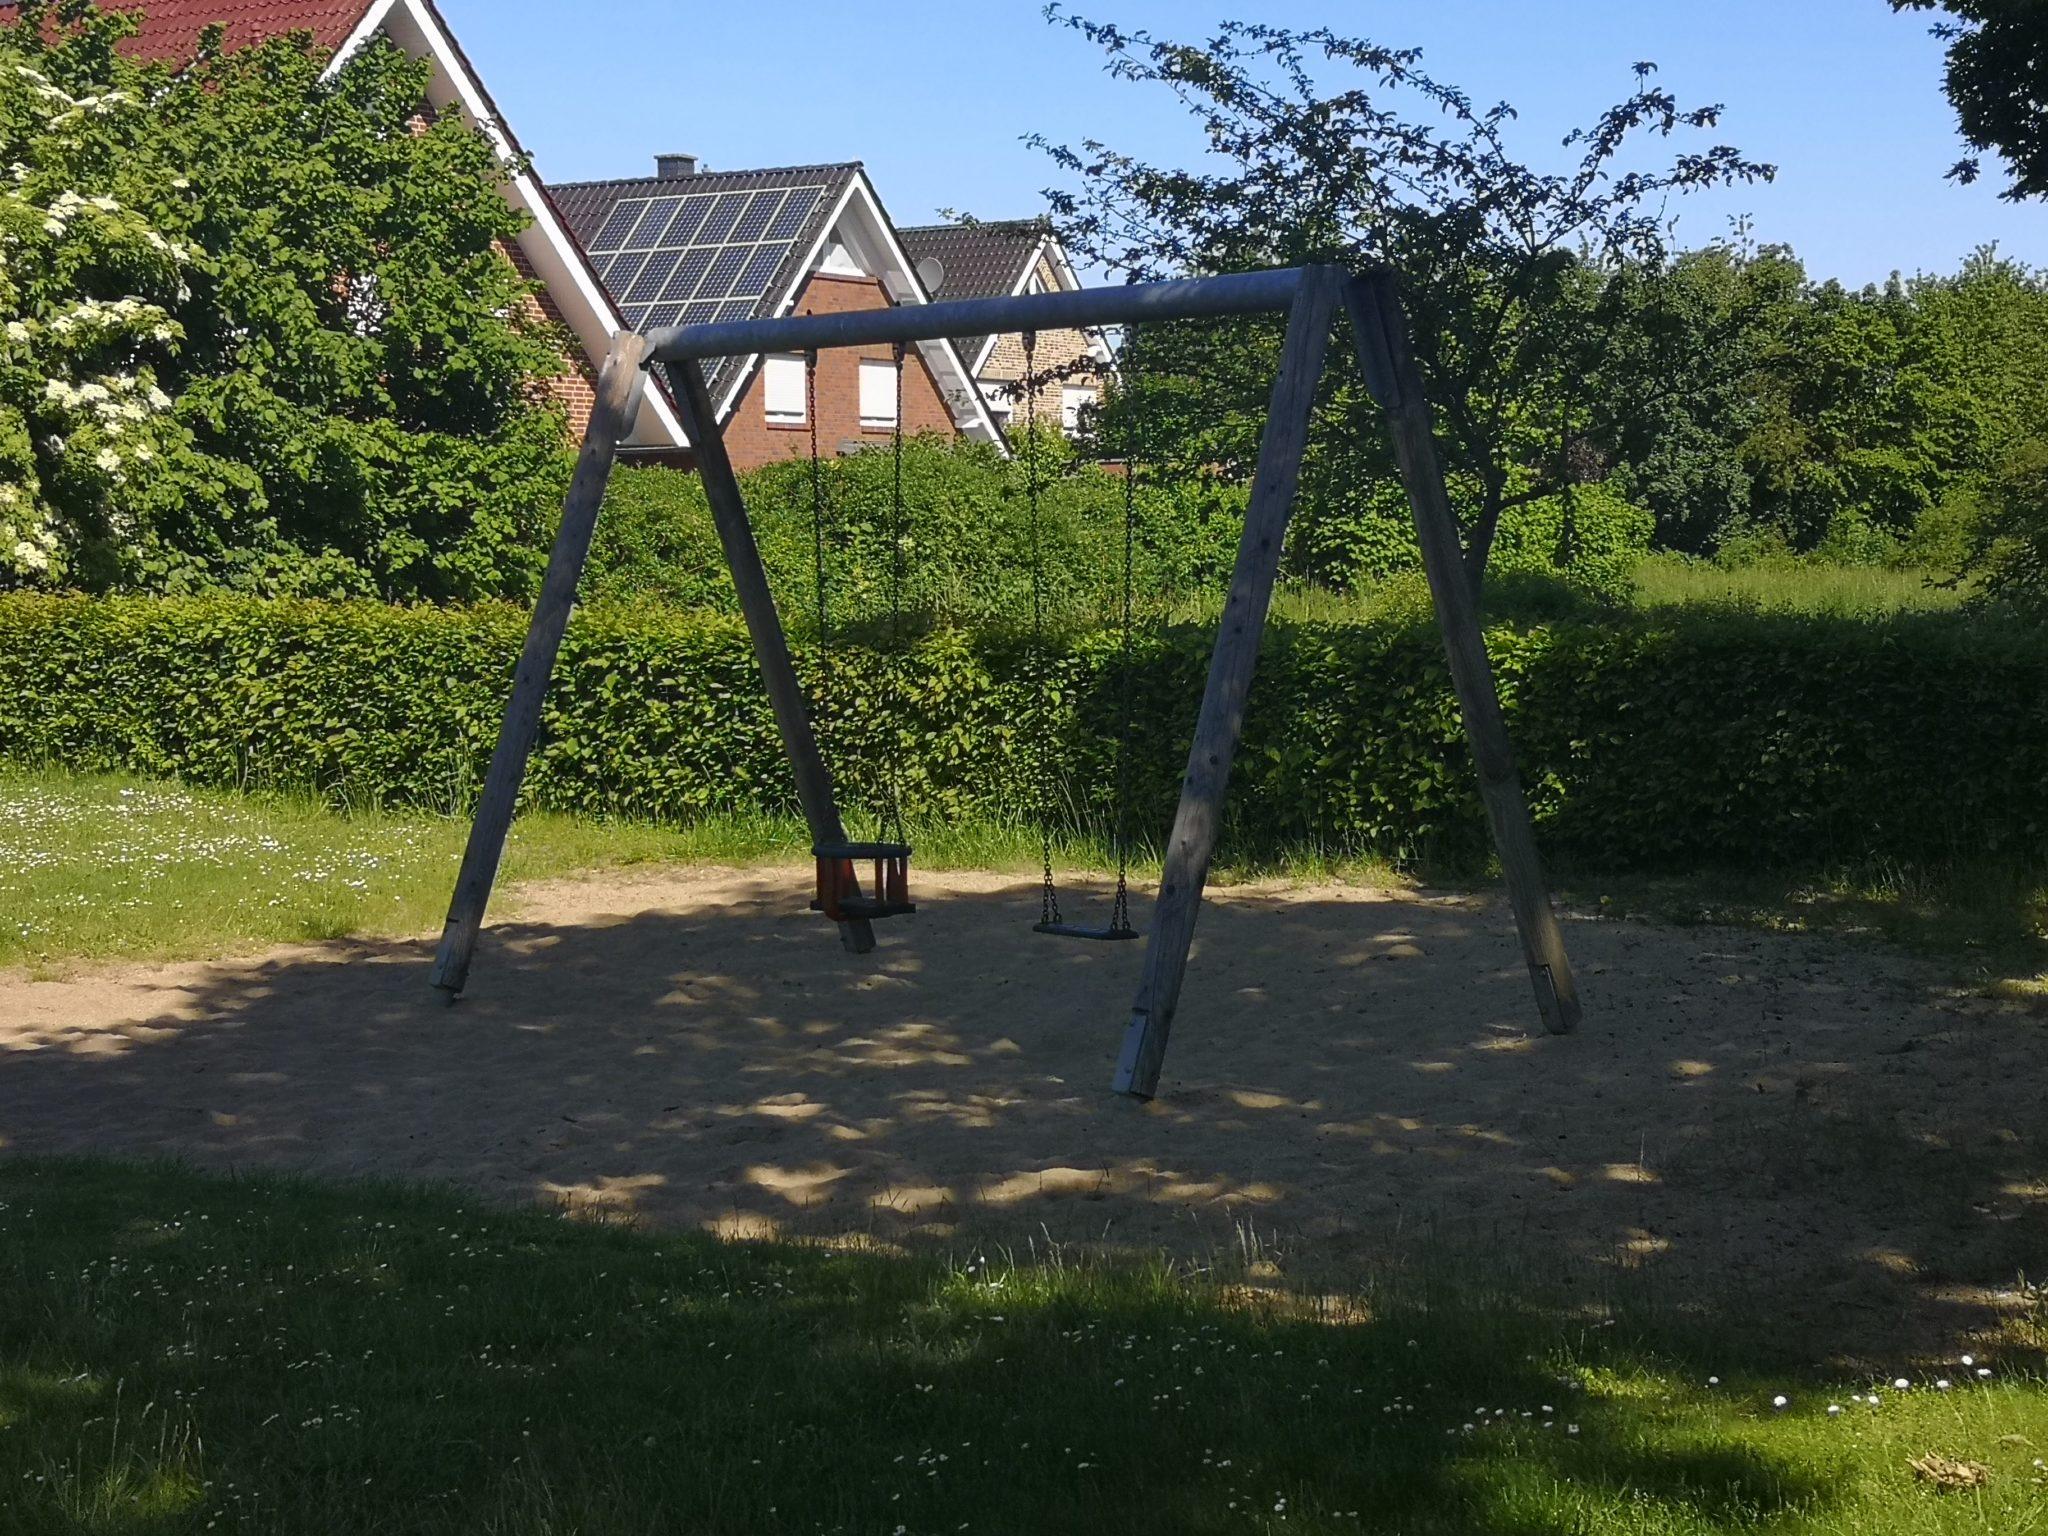 Ansicht Schaukel Spielplatz Portenkamp